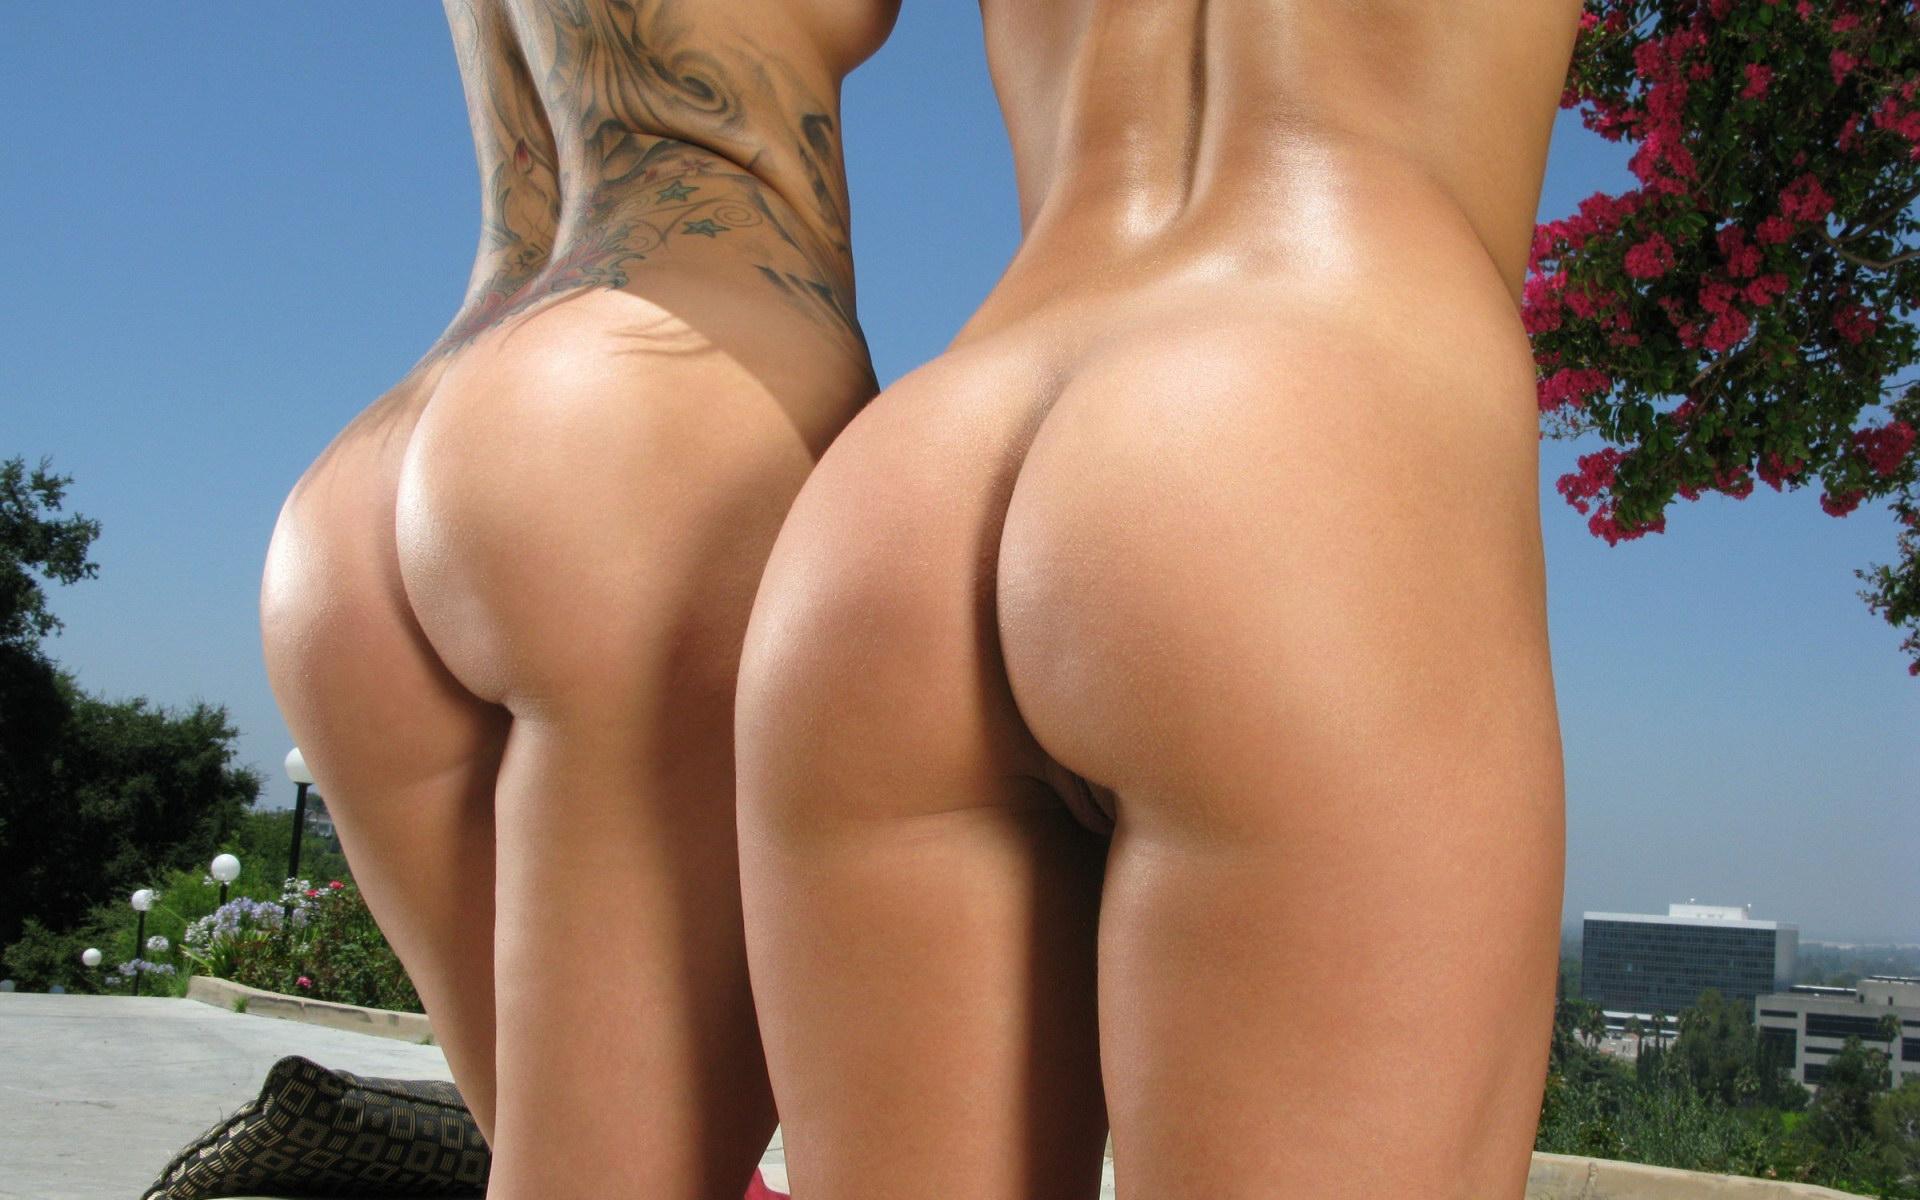 Самые красивые голые попы онлайн 13 фотография